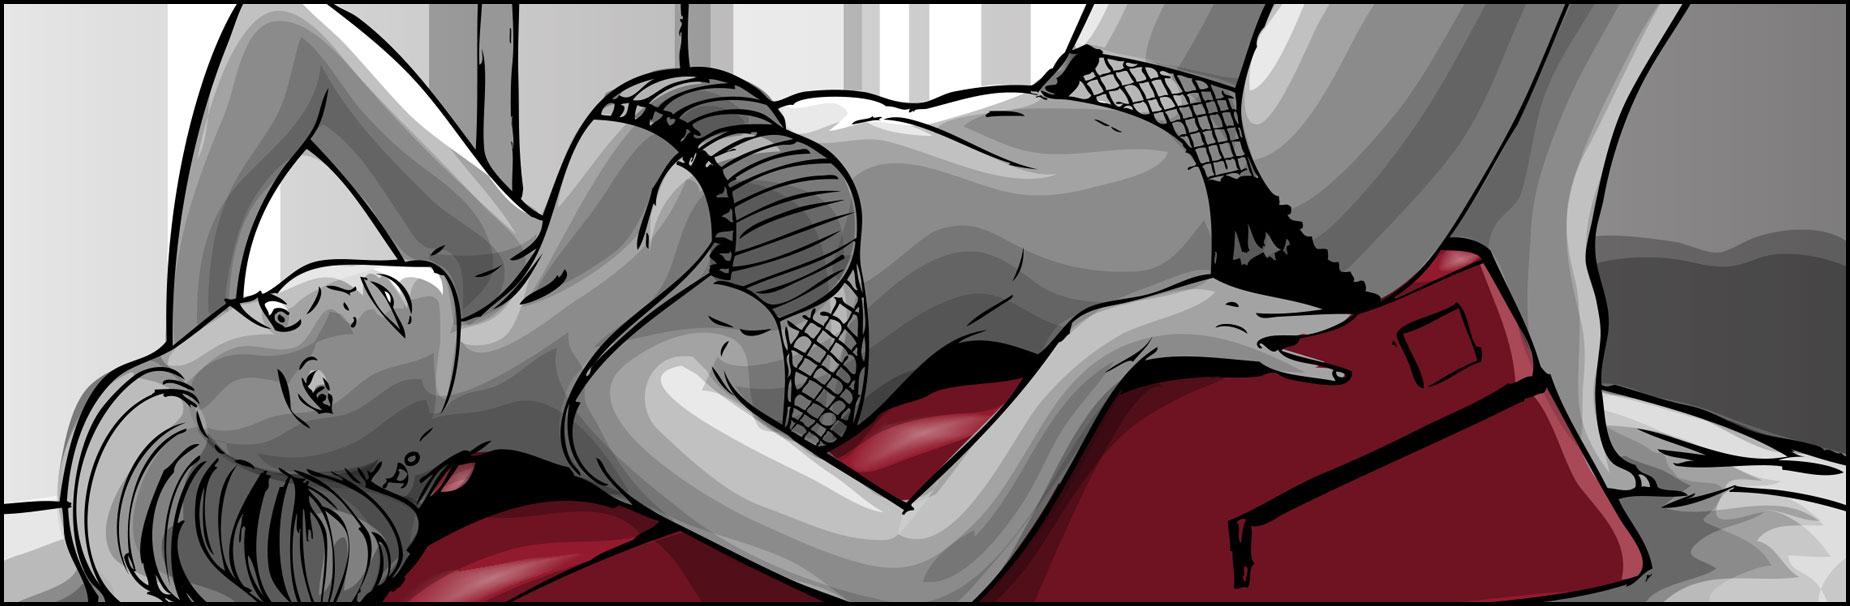 Liberator Ramp Sex Pillow